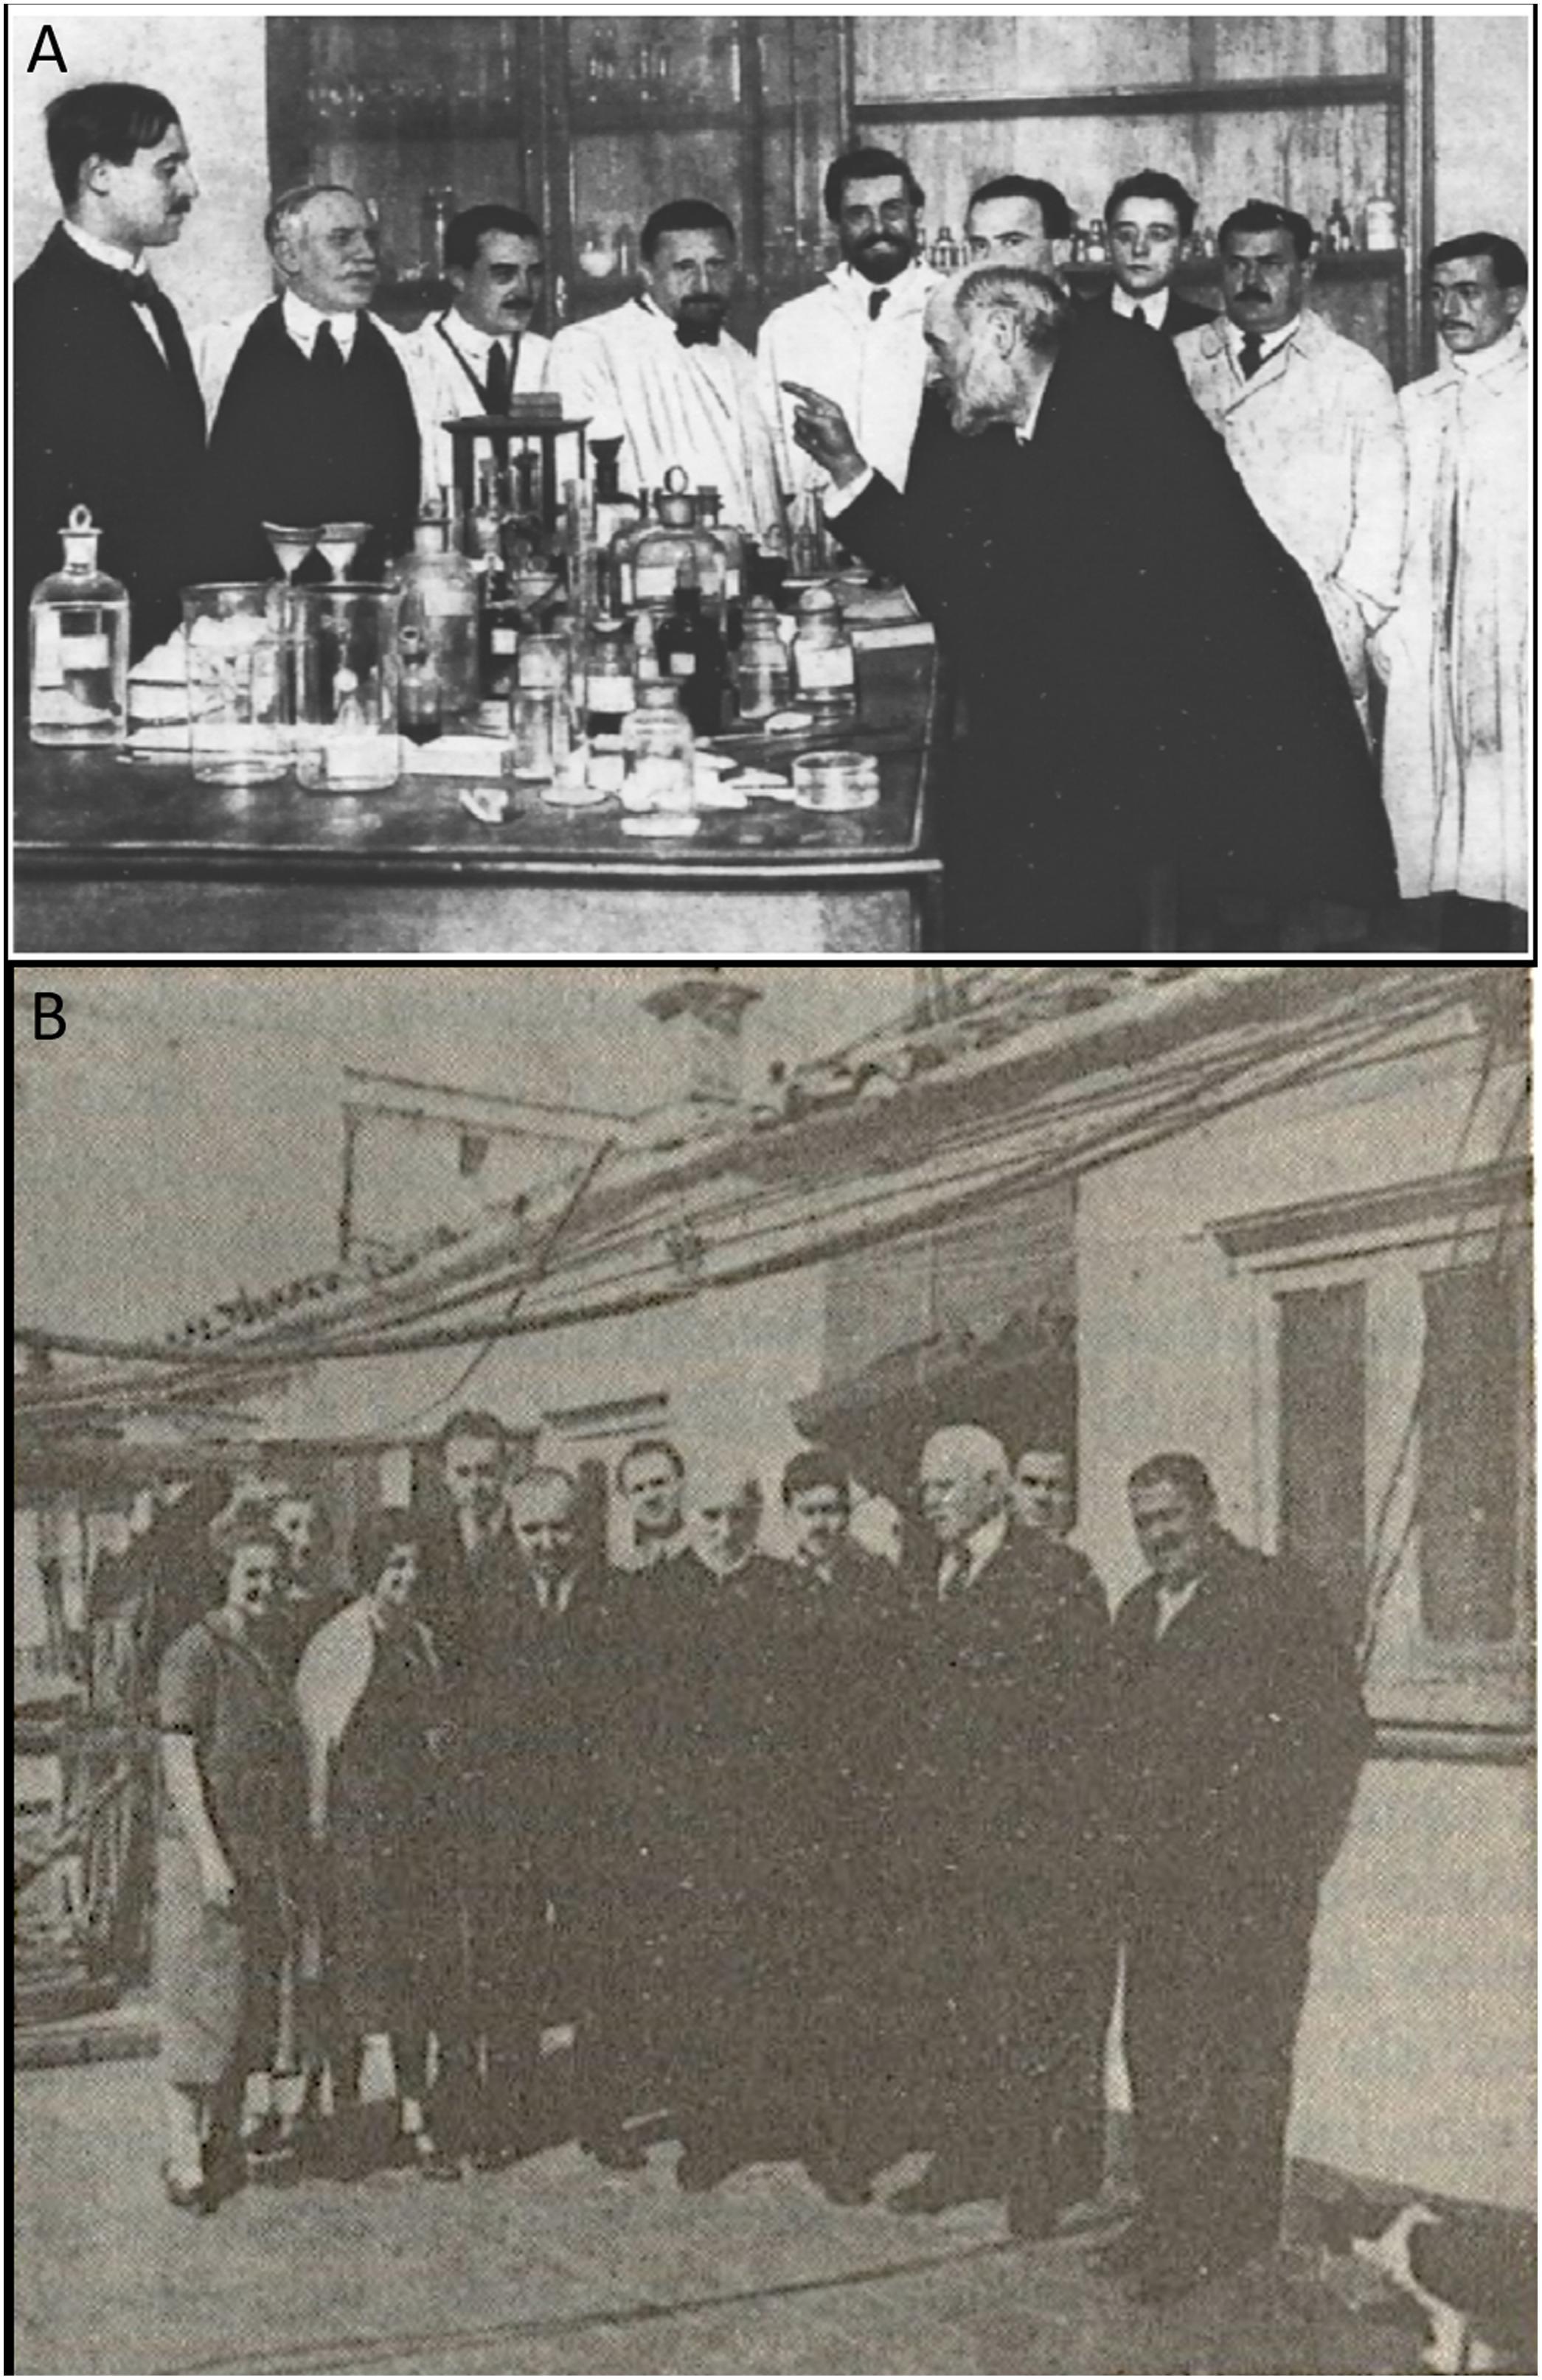 Frontiers The Women Neuroscientists In The Cajal School Frontiers In Neuroanatomy